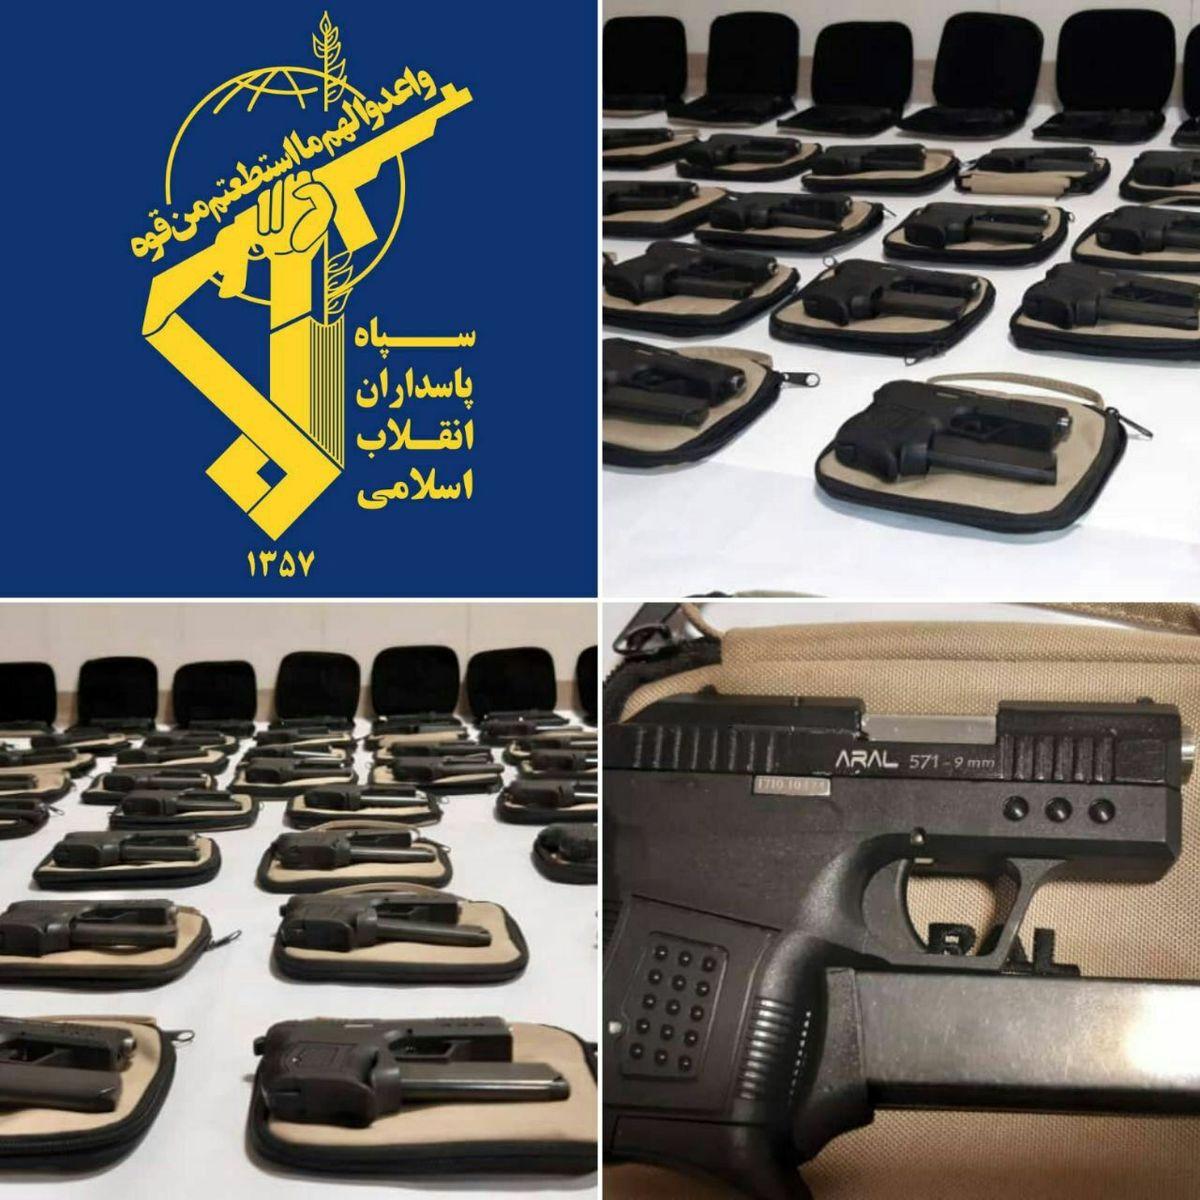 کشف محموله سلاح های ویژه تروریستی در غرب کشور